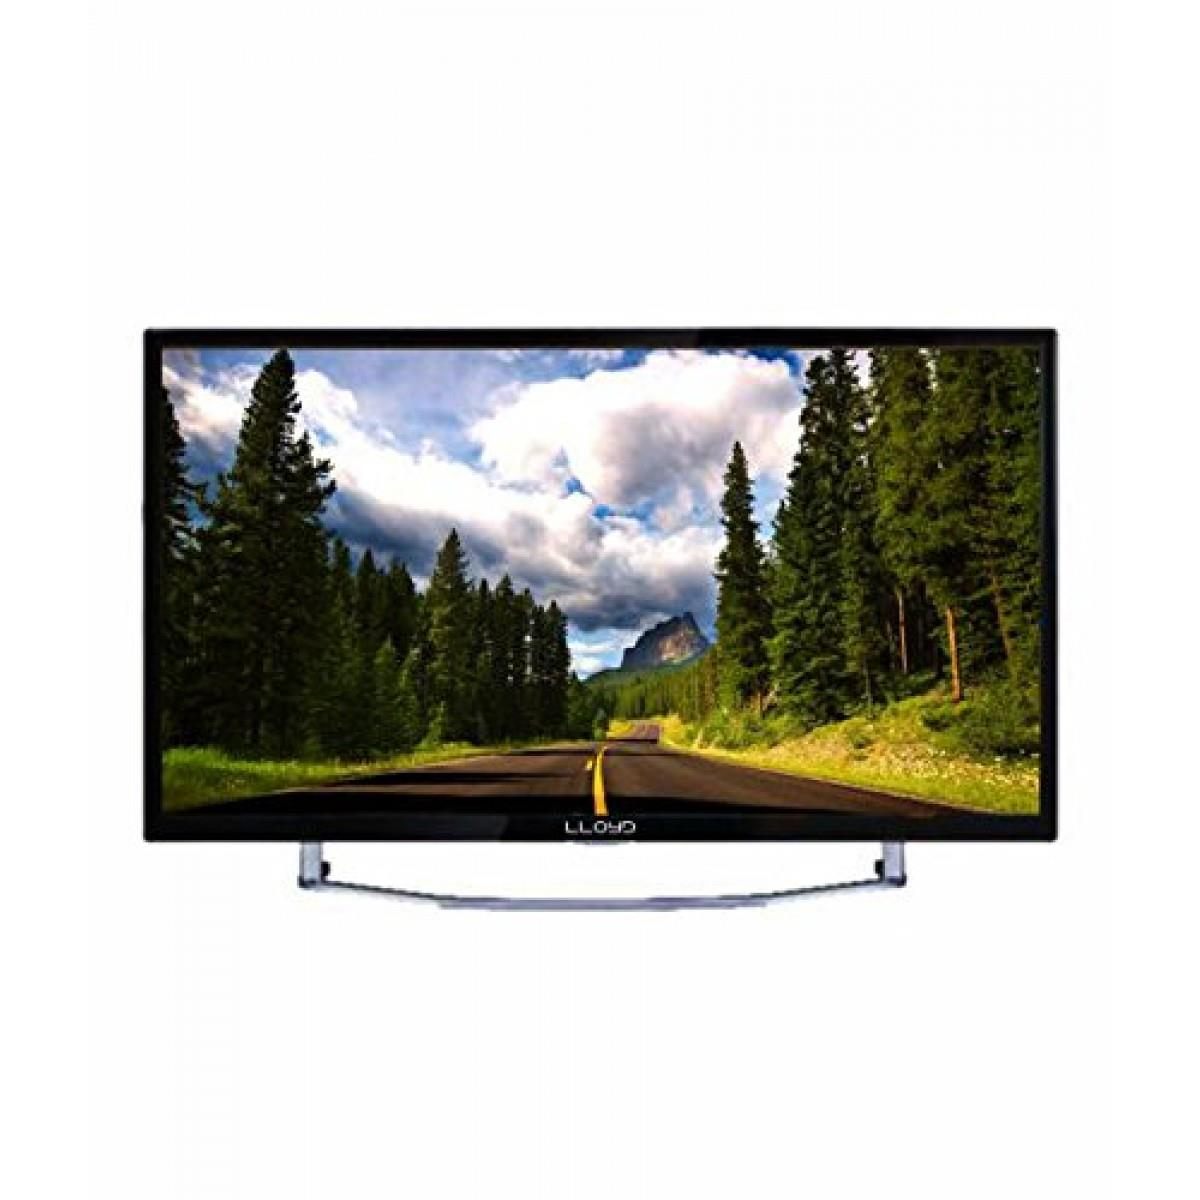 Lloyd L32NT 81 cm (32) LED TV (HD Ready) Image